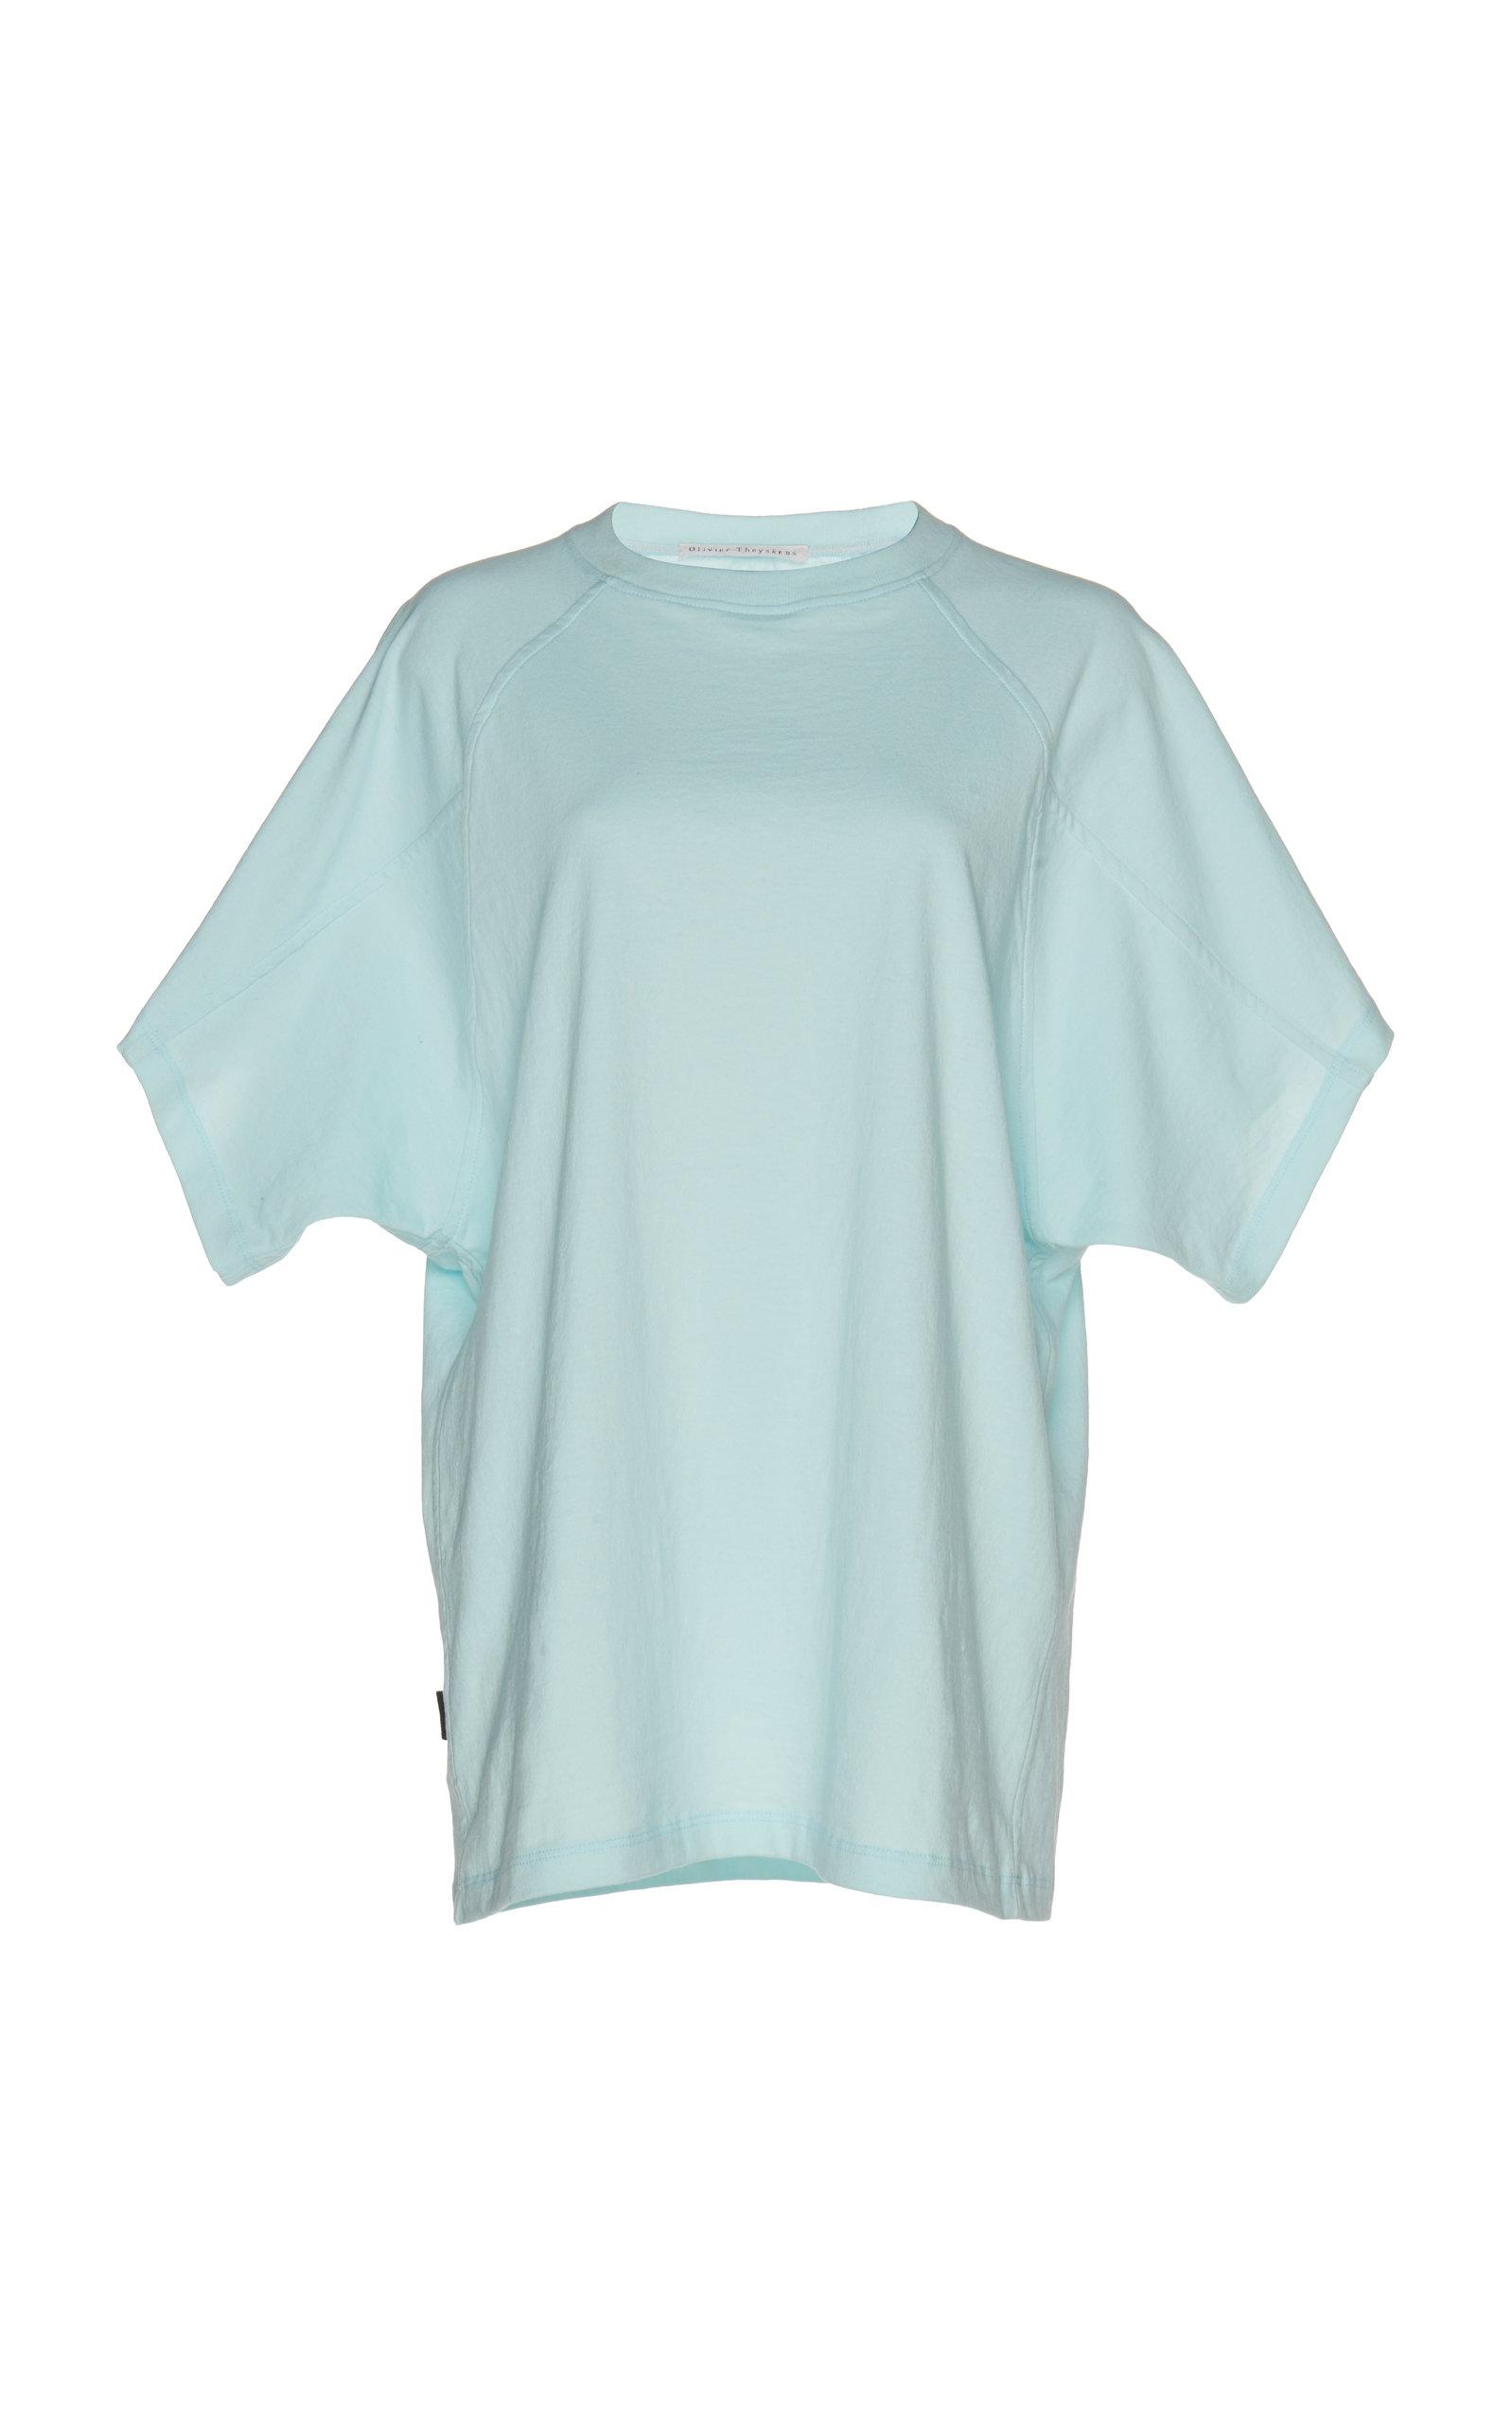 OLIVIER THEYSKENS Raglan T-Shirt in Blue